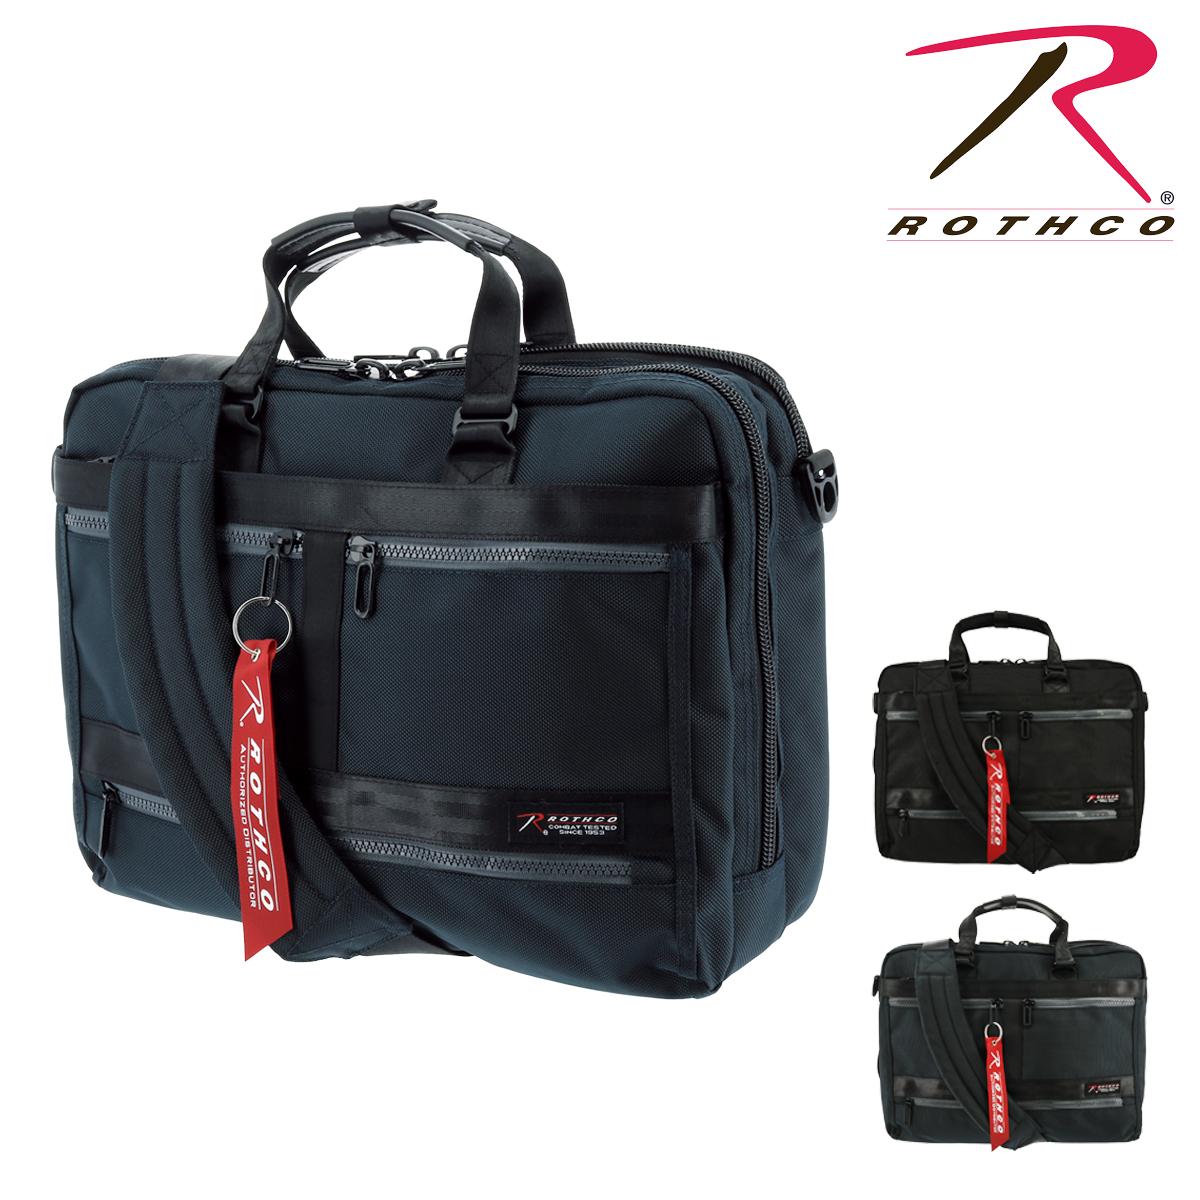 ロスコ ブリーフケース B4 2WAY COMMAND メンズ 45016 ROTHCO   ビジネスバッグ キャリーオン[PO10]